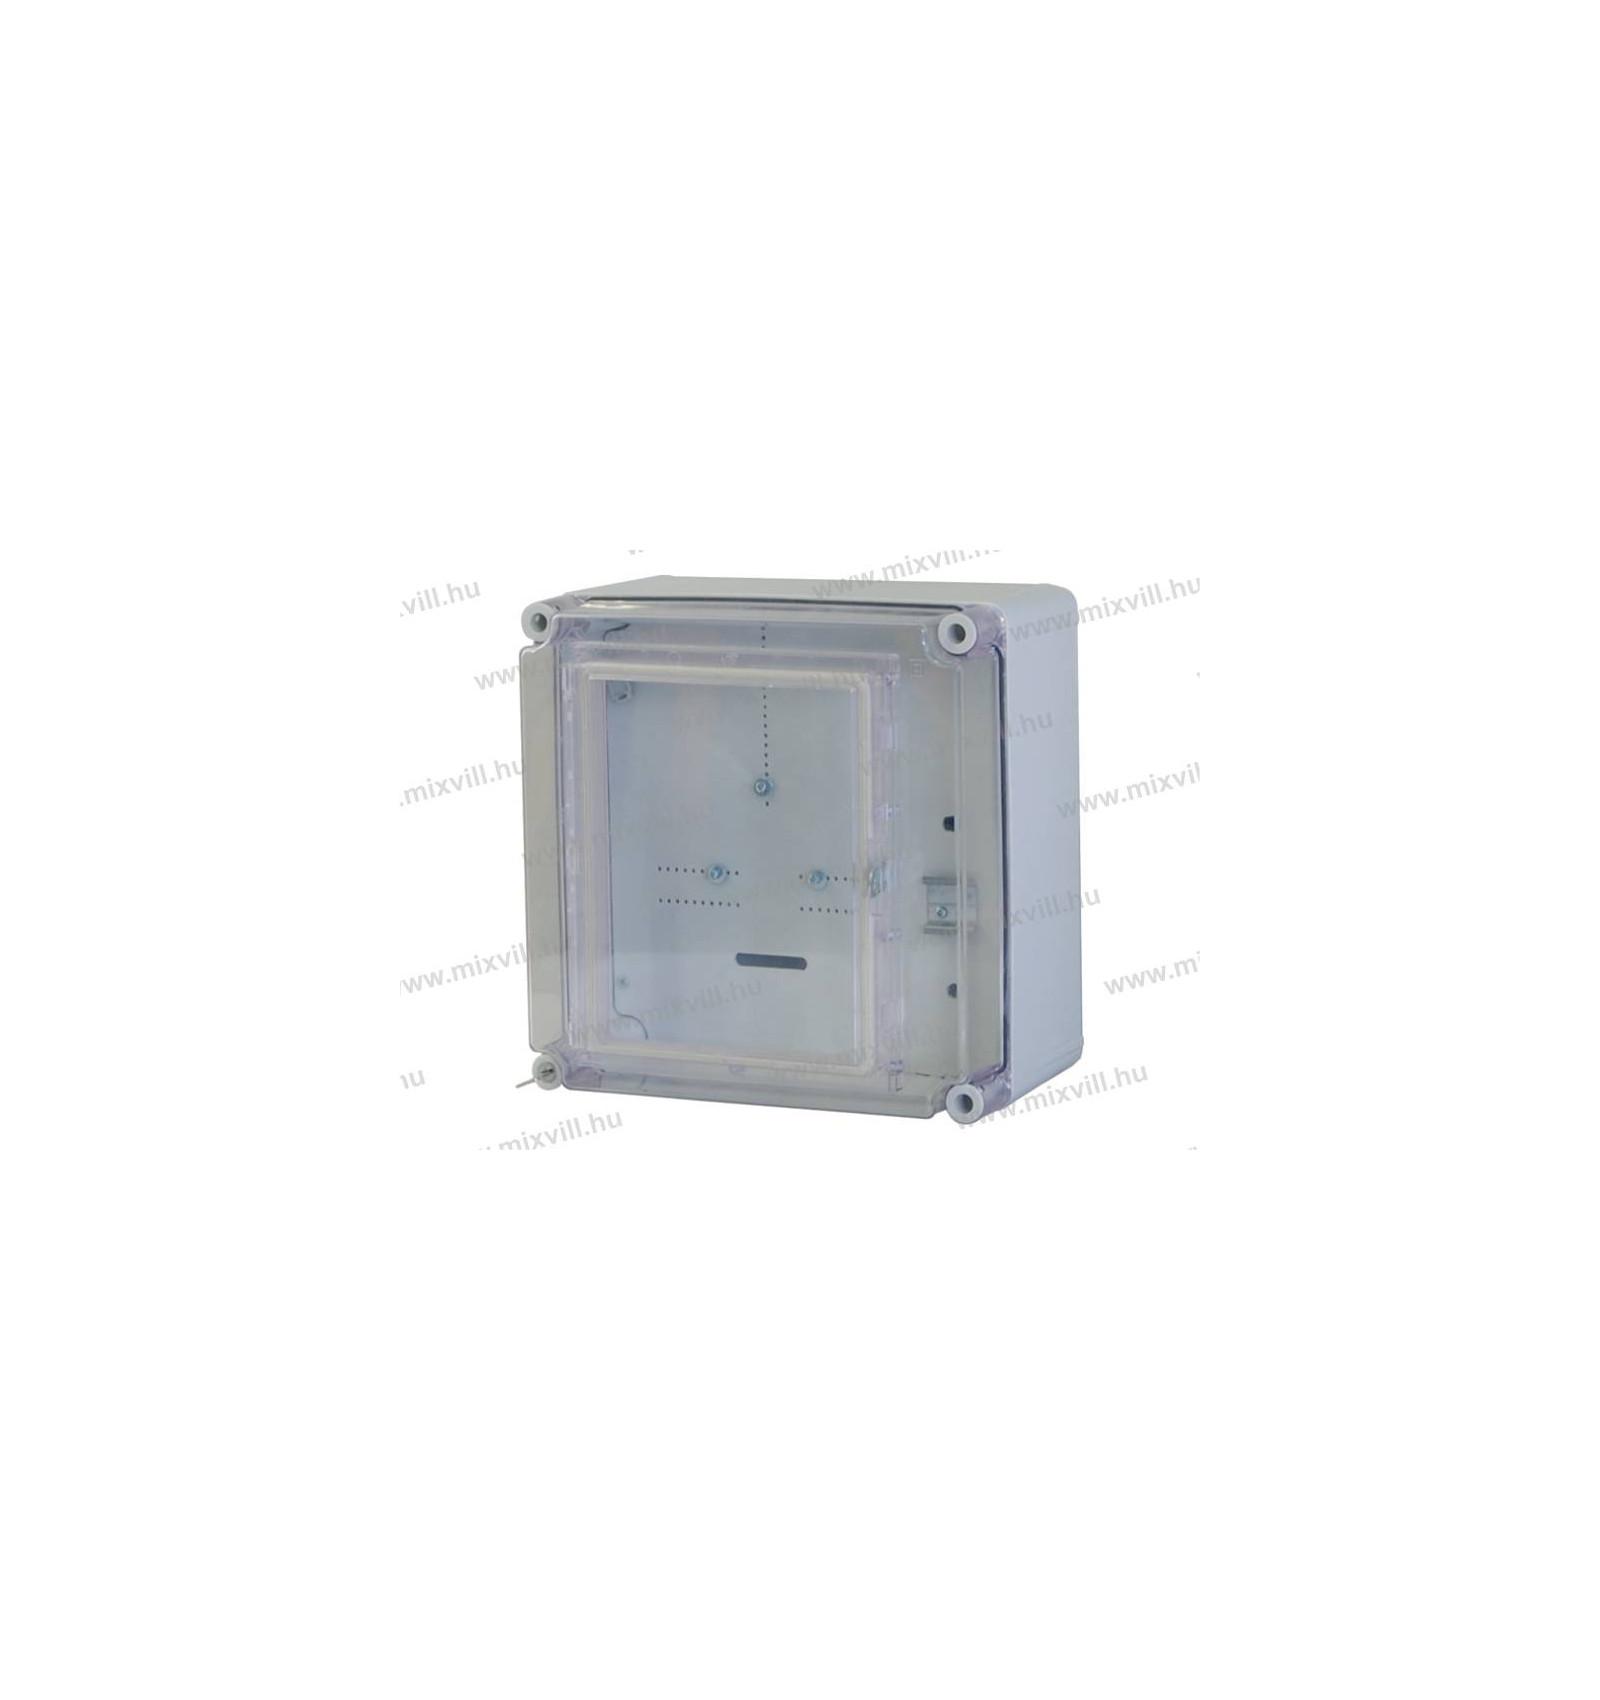 Csatari-PVT-EON-3030-1fm-am-fogyasztasmero-meroora-tokozat-szekreny